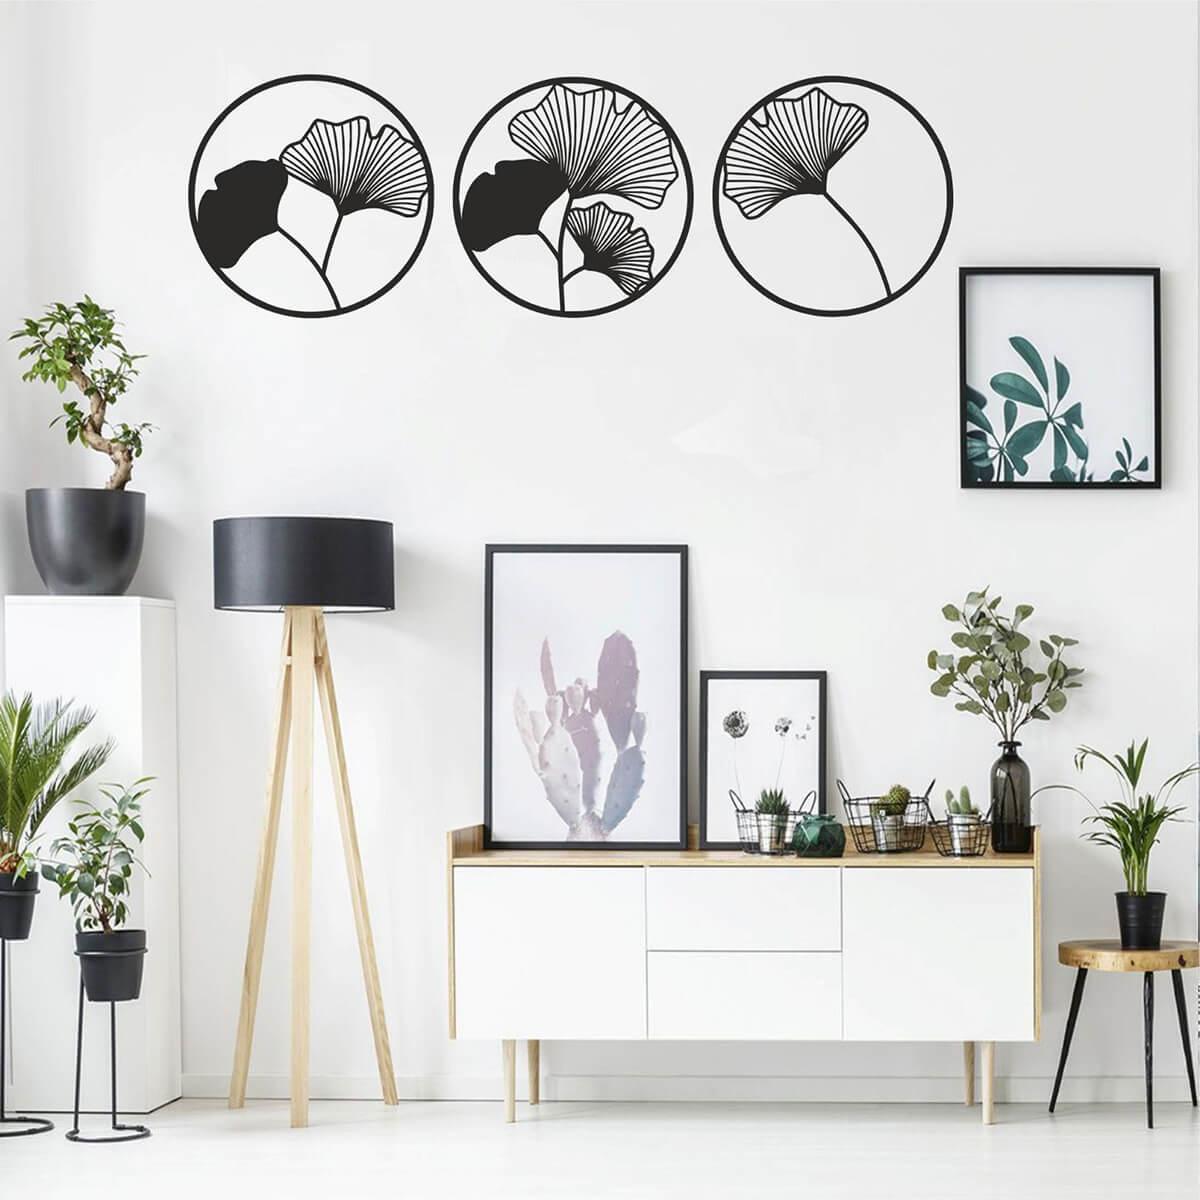 Lively Black and White Living Room